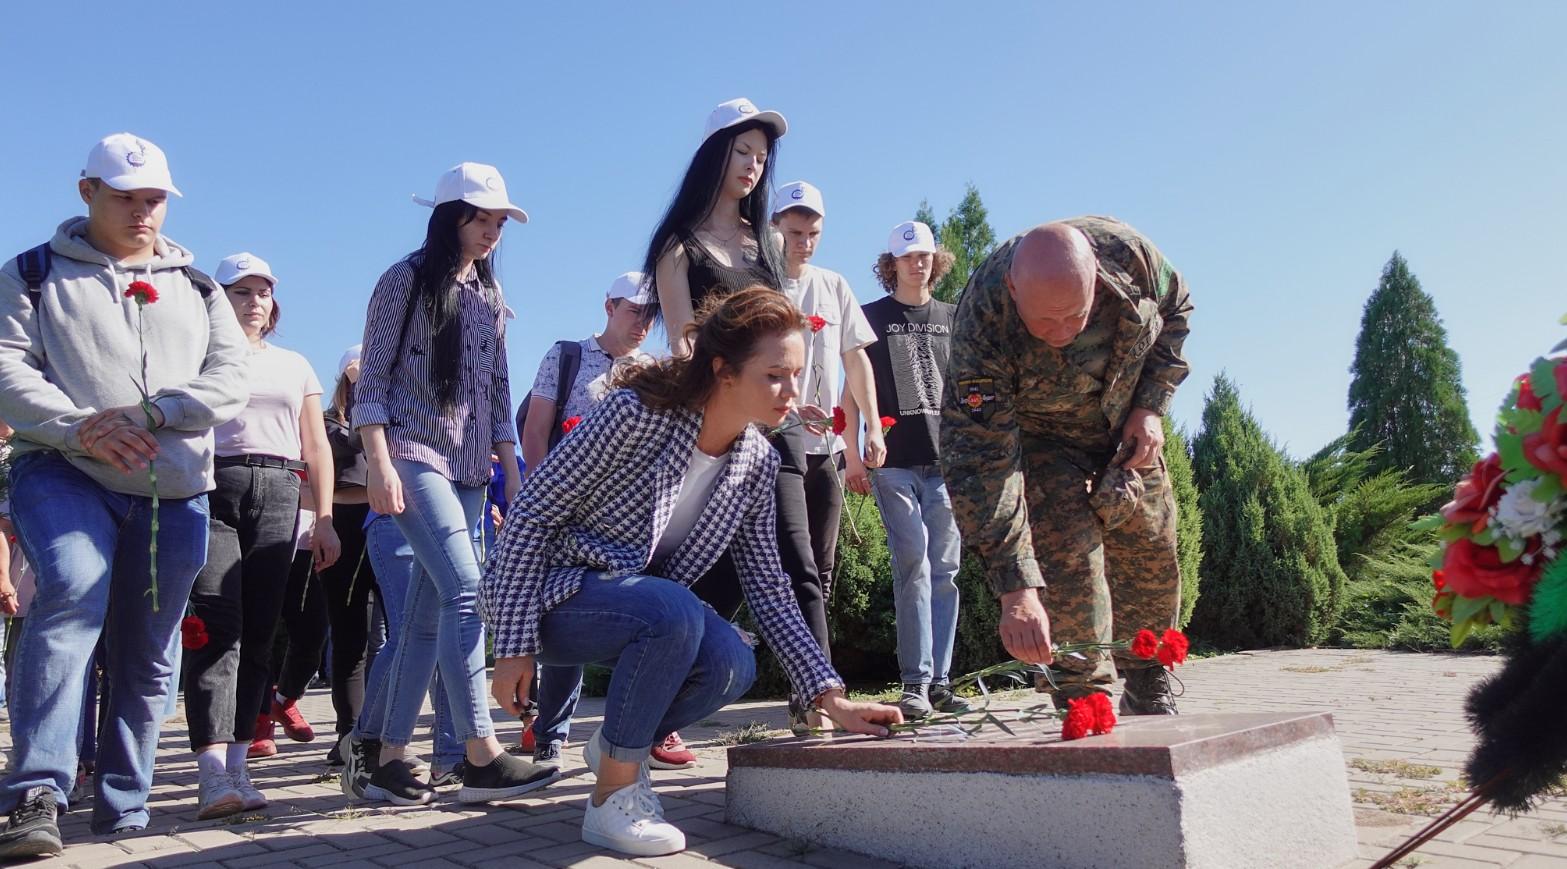 Депутат Лидия Новосельцева организовала экскурсию для студентов ДГТУ и ЮРГПУ (НПИ)